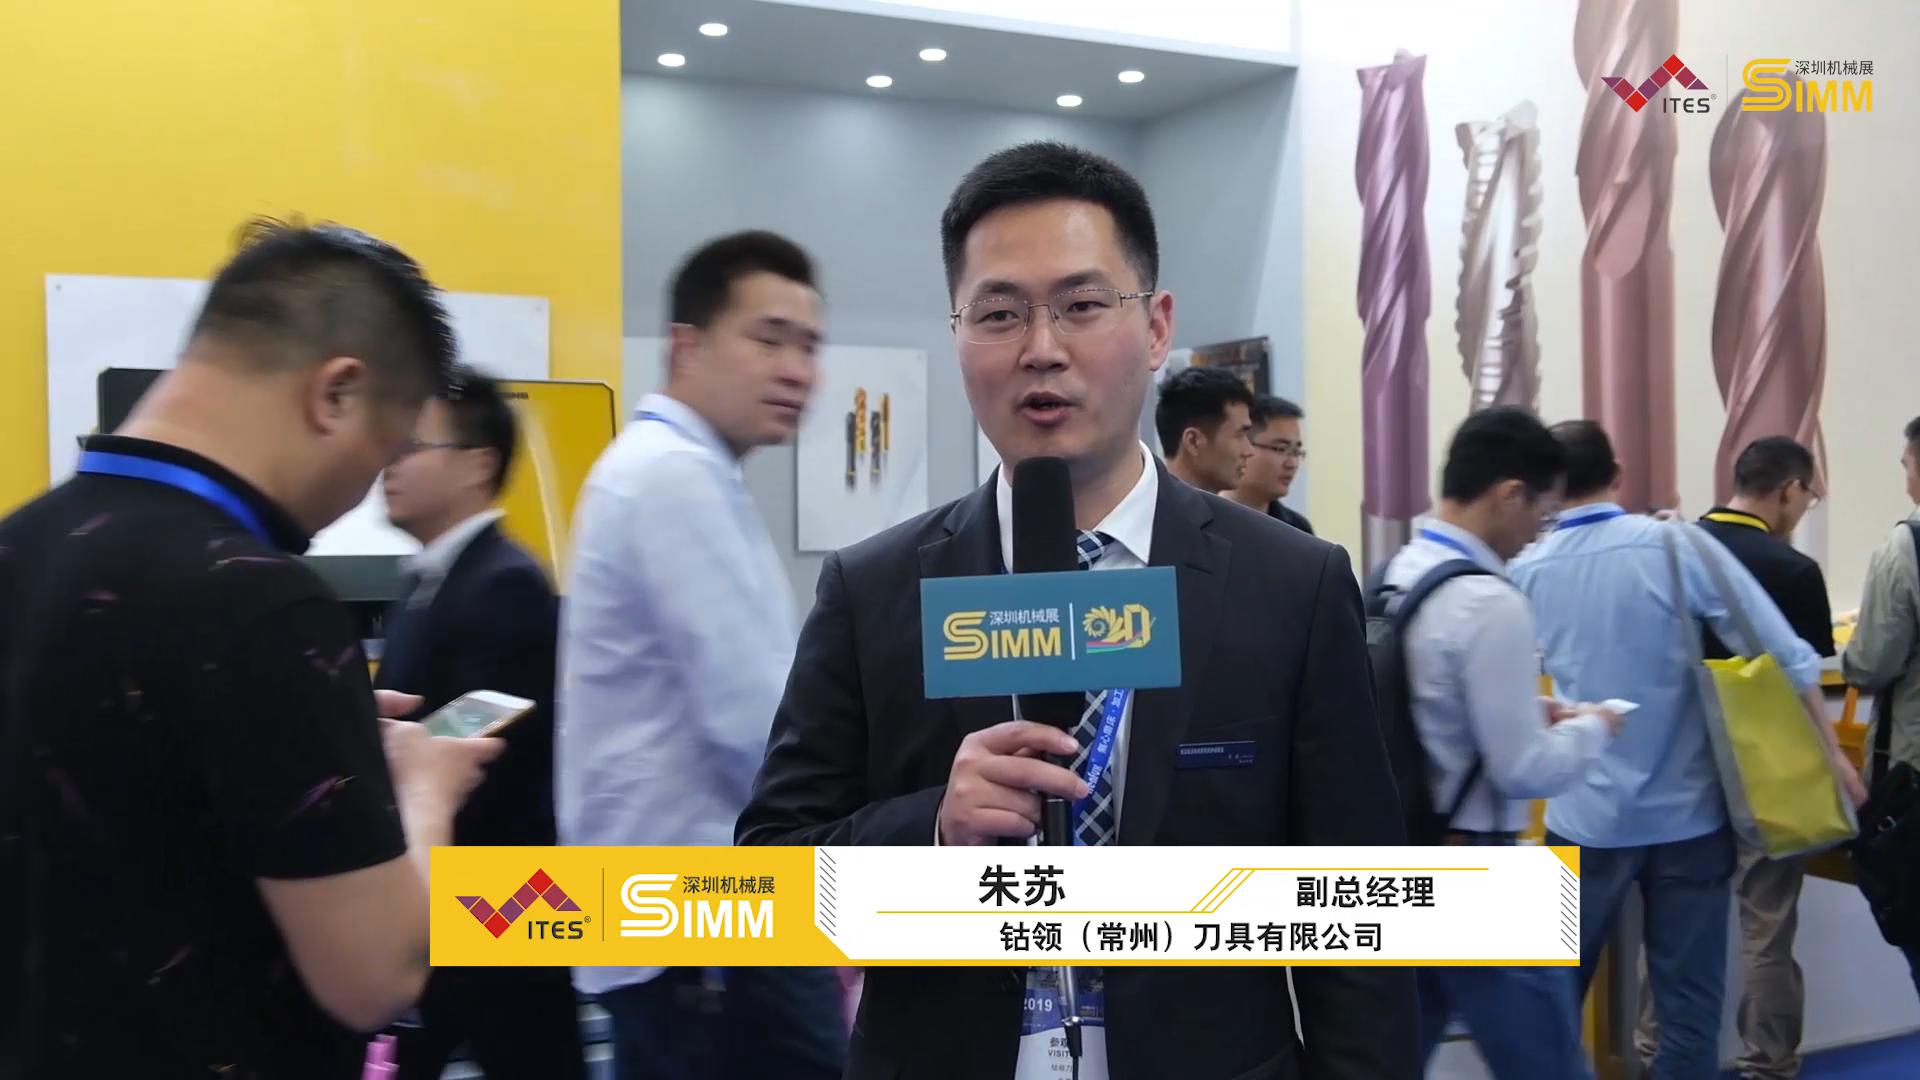 第二十届深圳国际机械制造工业展览会展商采访